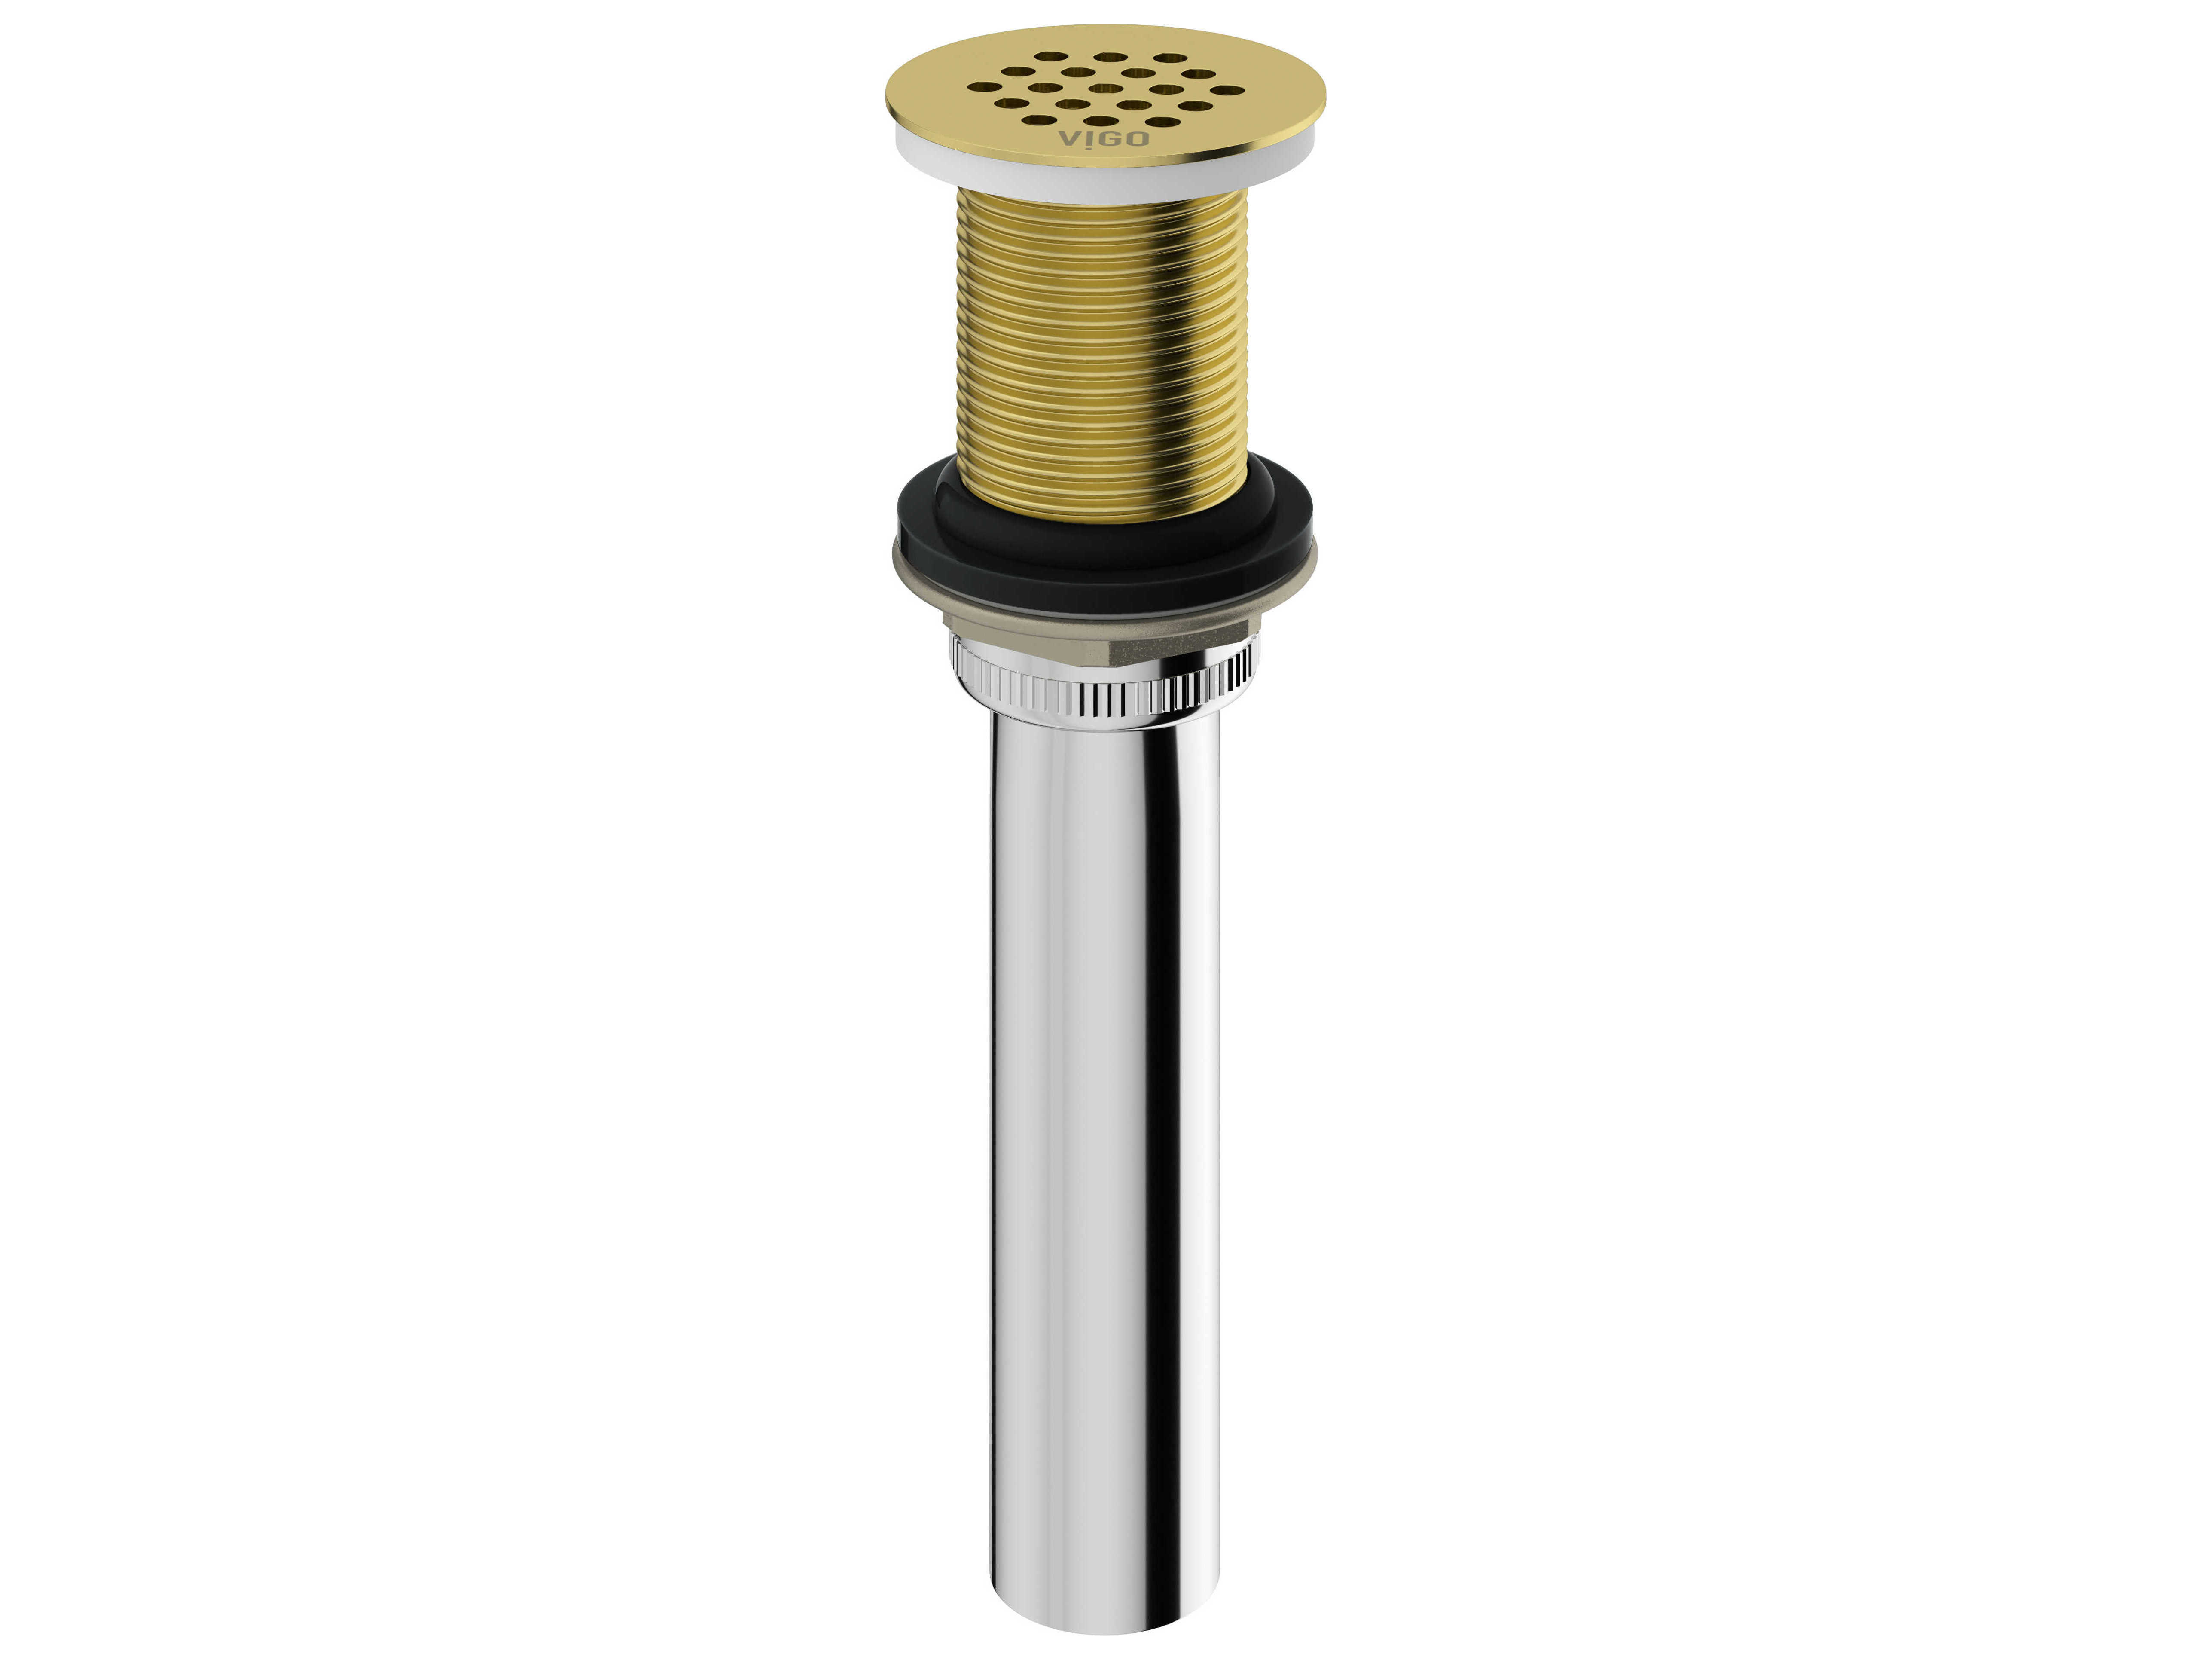 vigo matte brushed gold vessel bathroom sink drain vivg07001mg